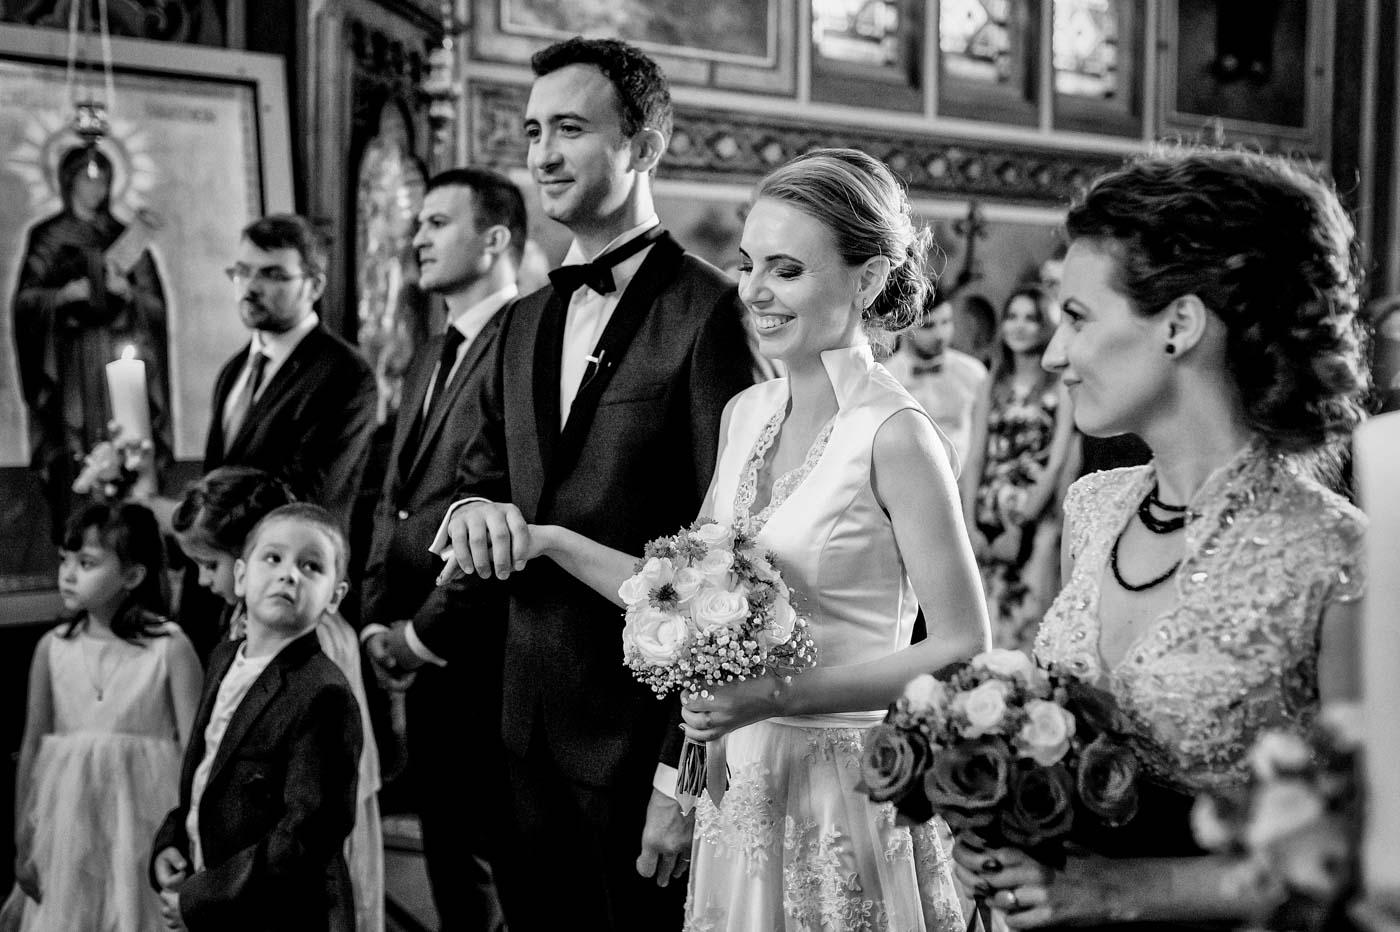 un moment amuzant de la taina nuntii